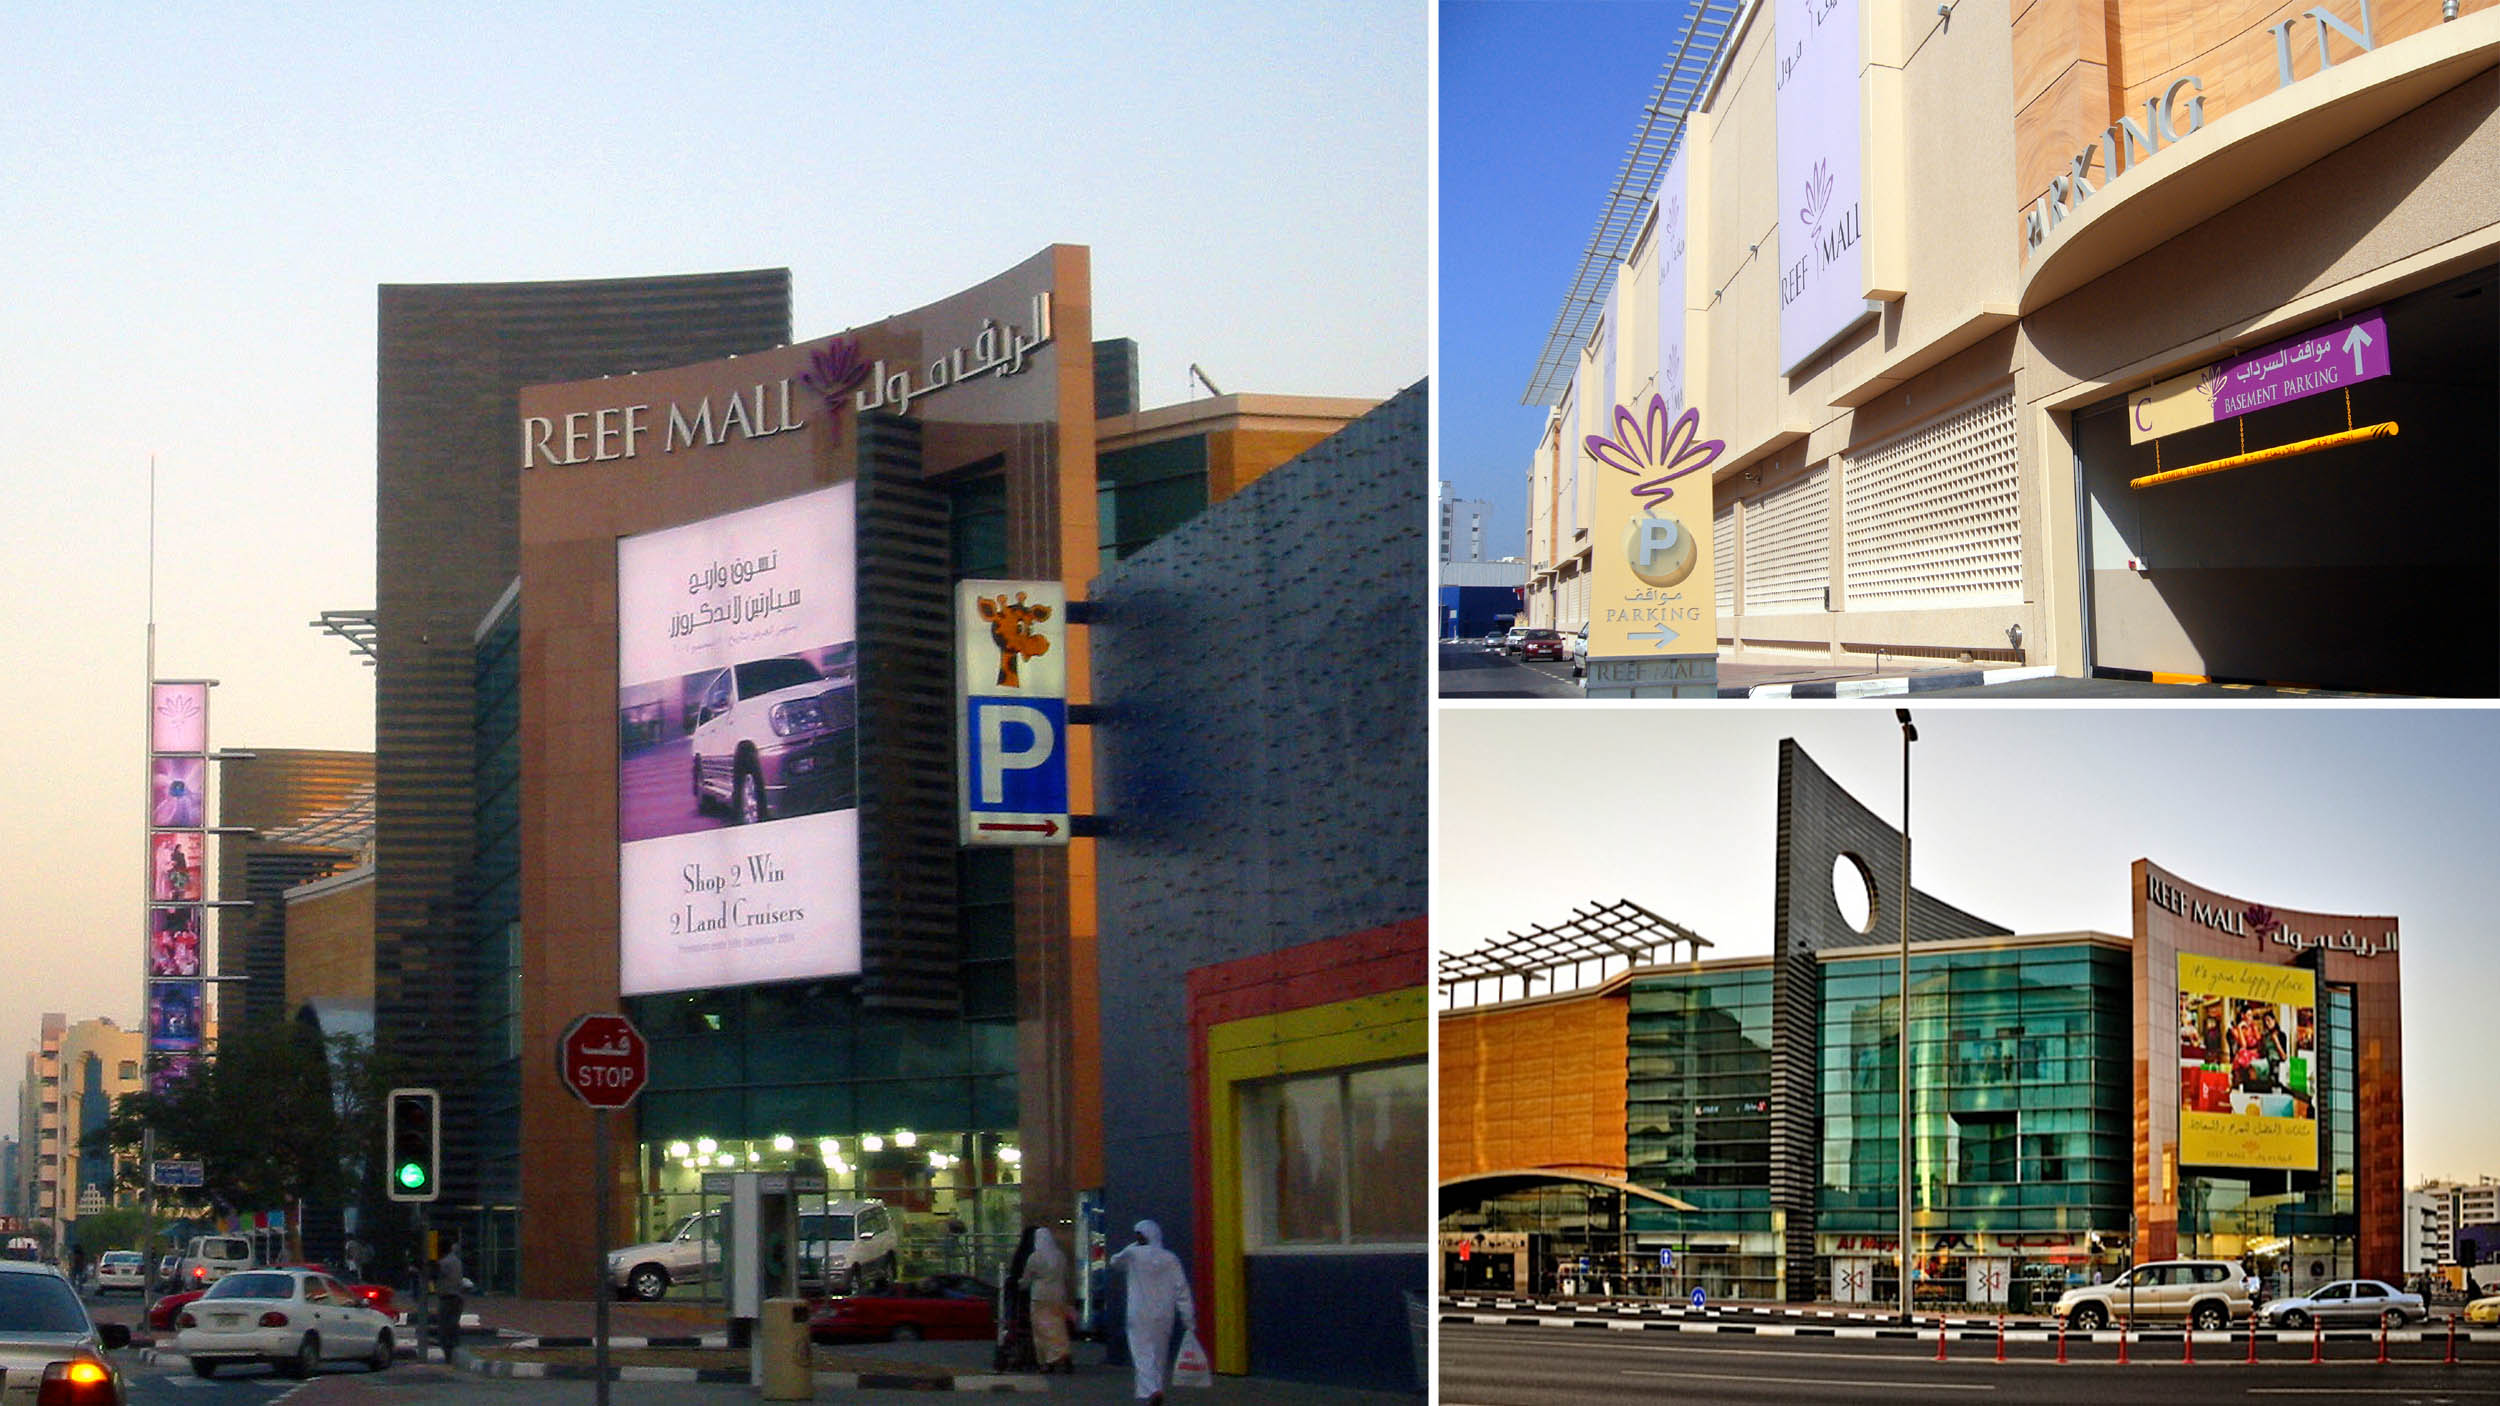 REEF MALL – Dubai, UAE